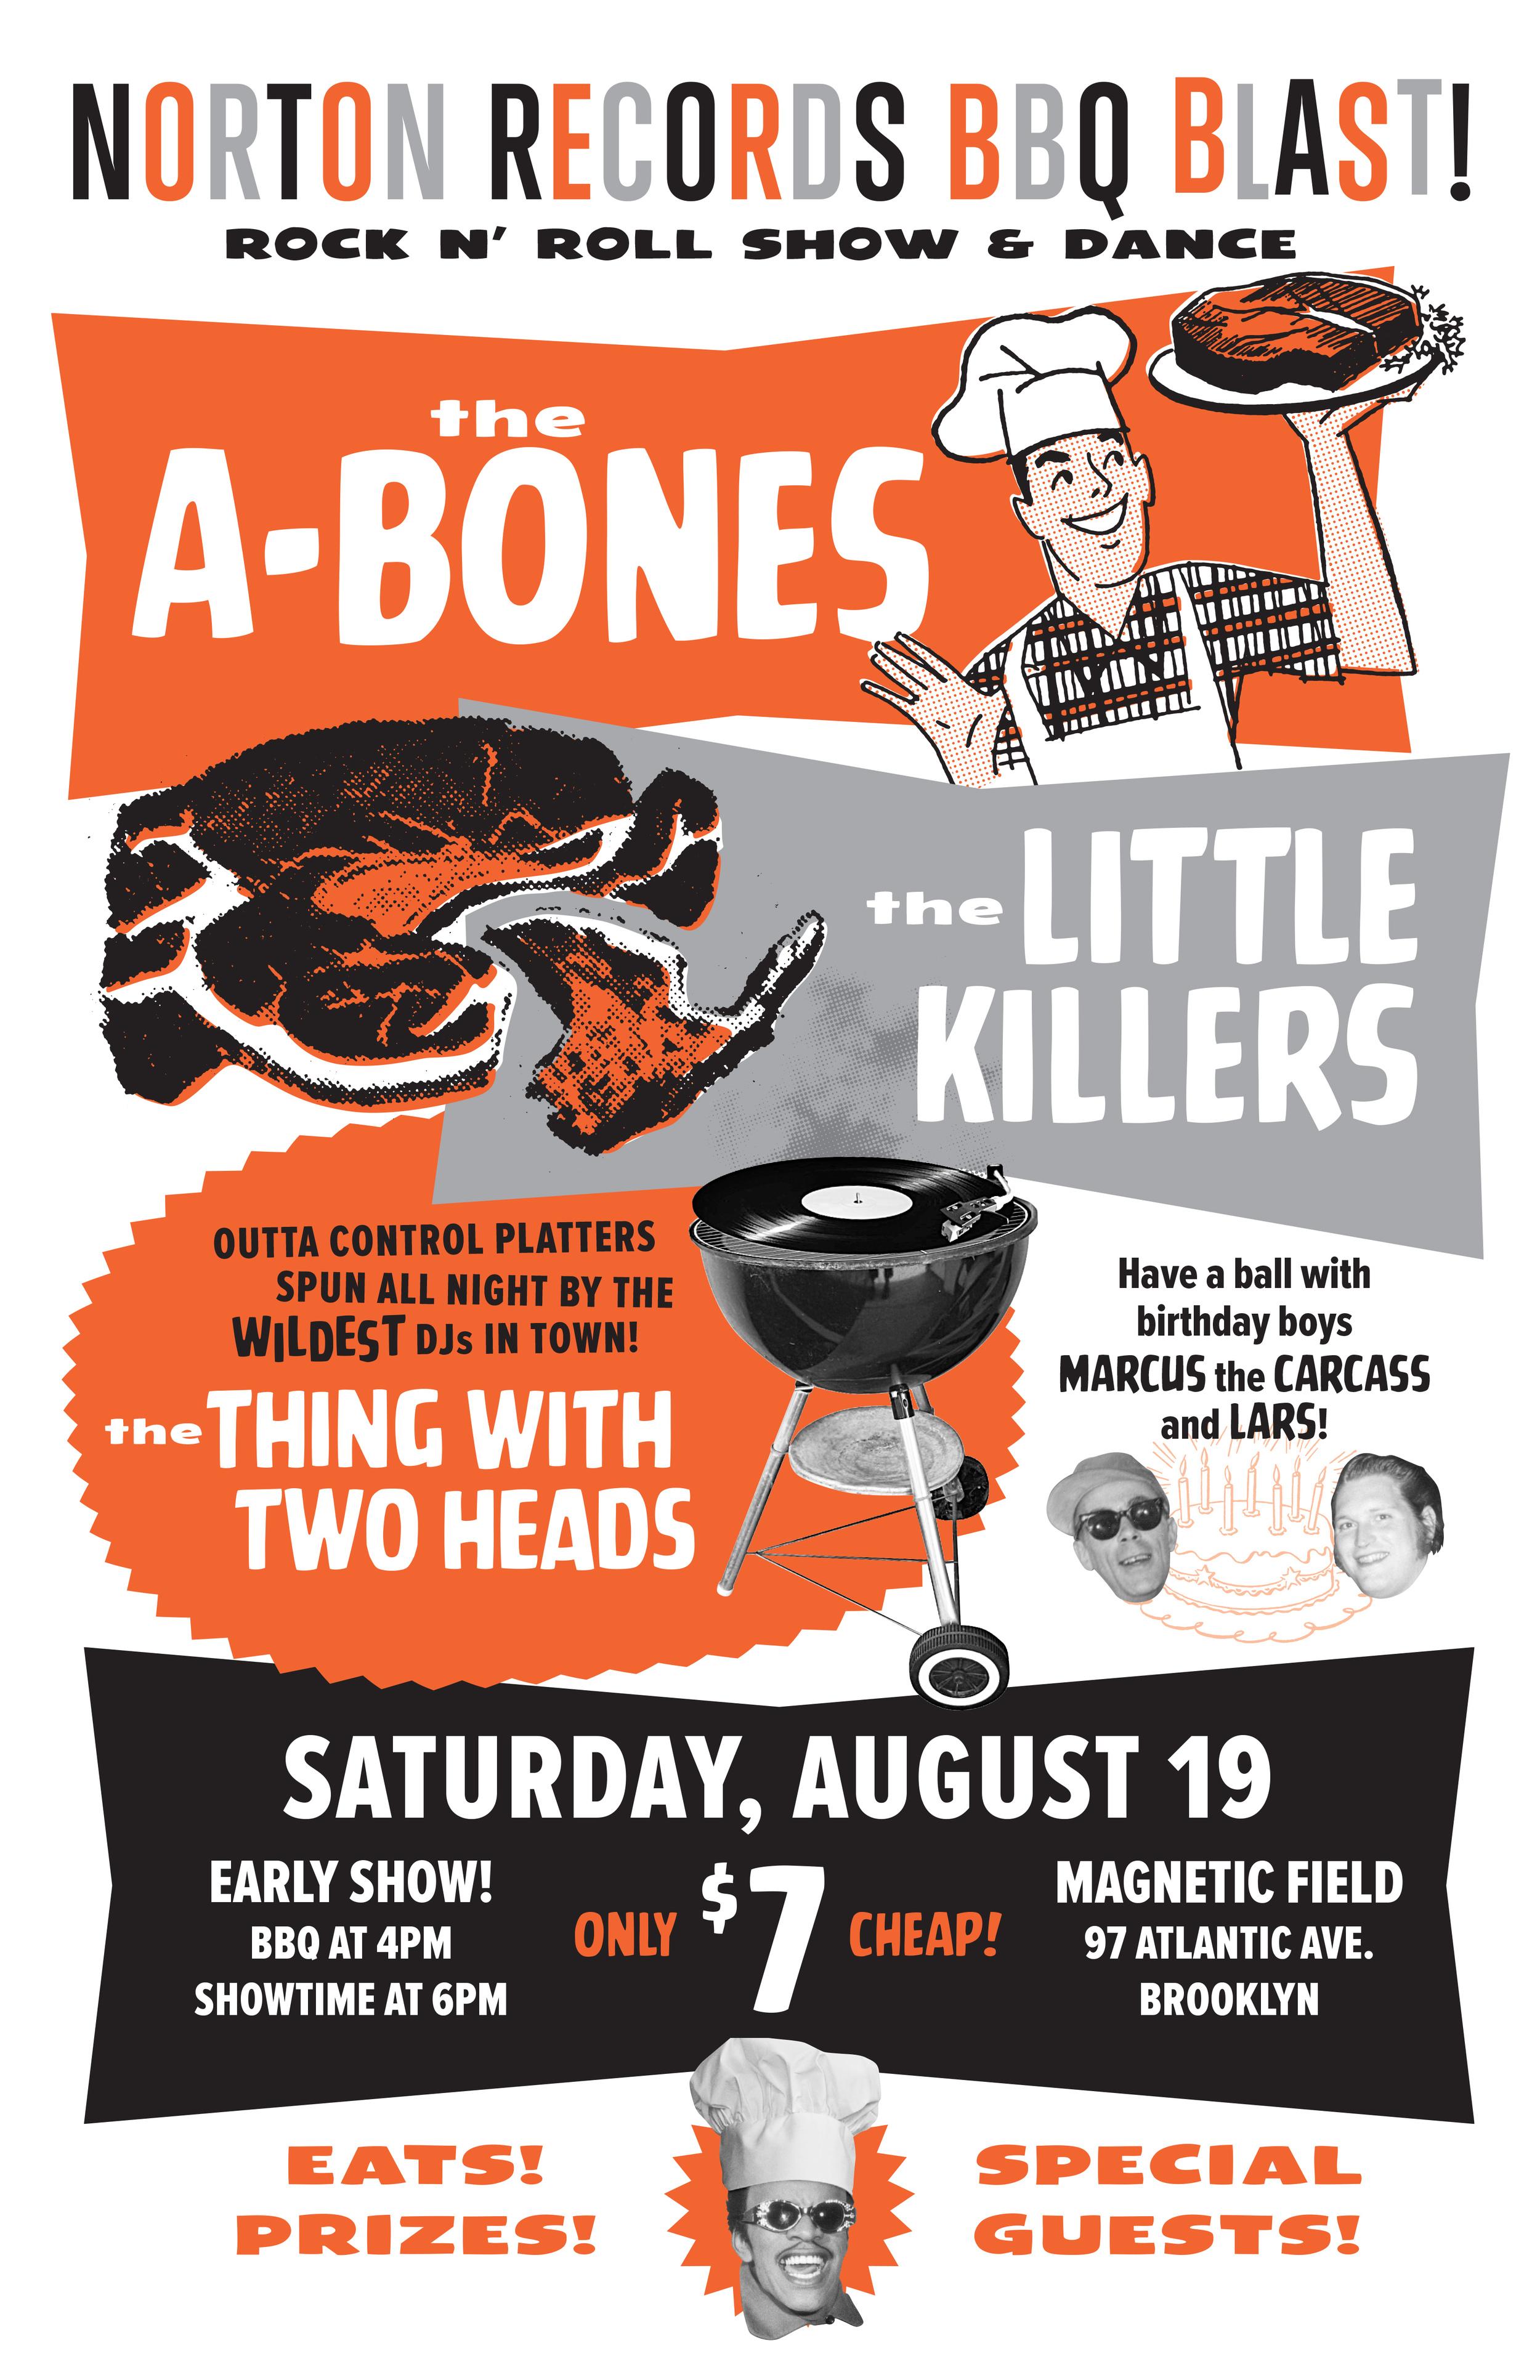 The A-Bones BBQ poster